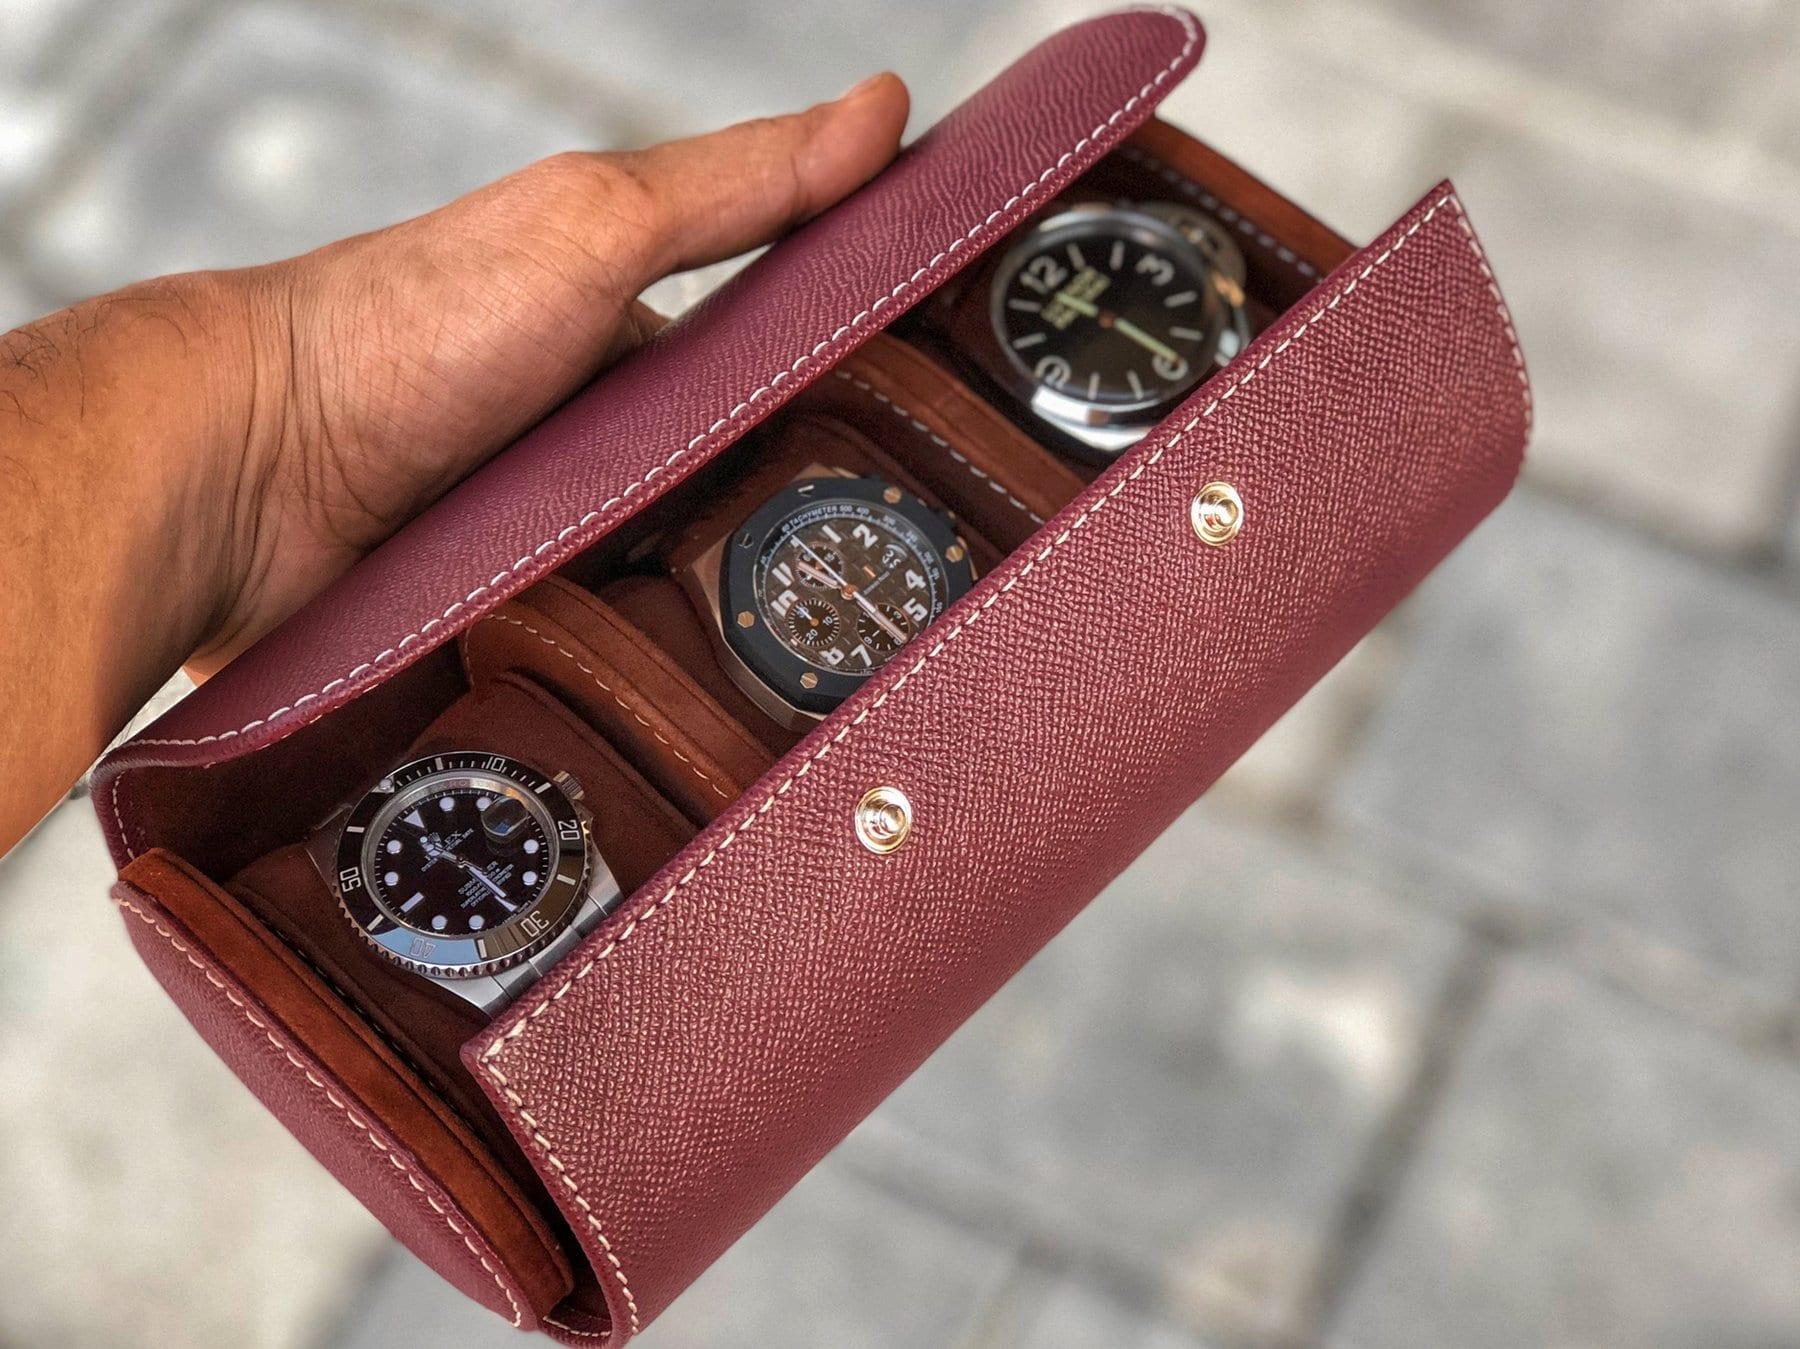 """Uhrenrolle aus Saffiano-Leder in """"Burgundy-rot"""" für 3 Uhren"""